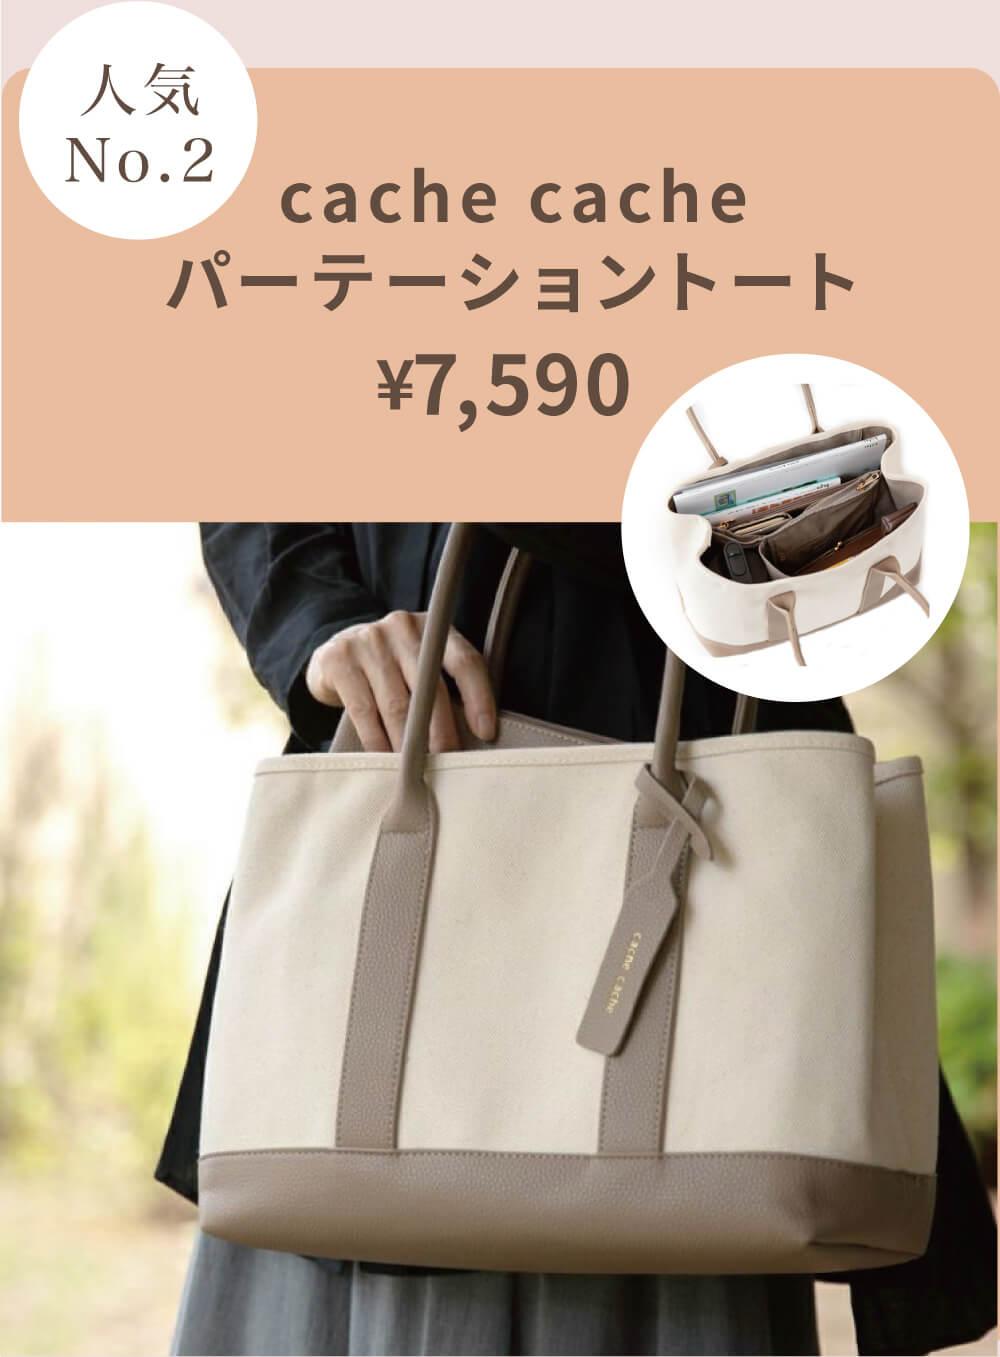 cache cache(カシュカシュ) パーテーションポリプロピレントートバッグ ¥6,490